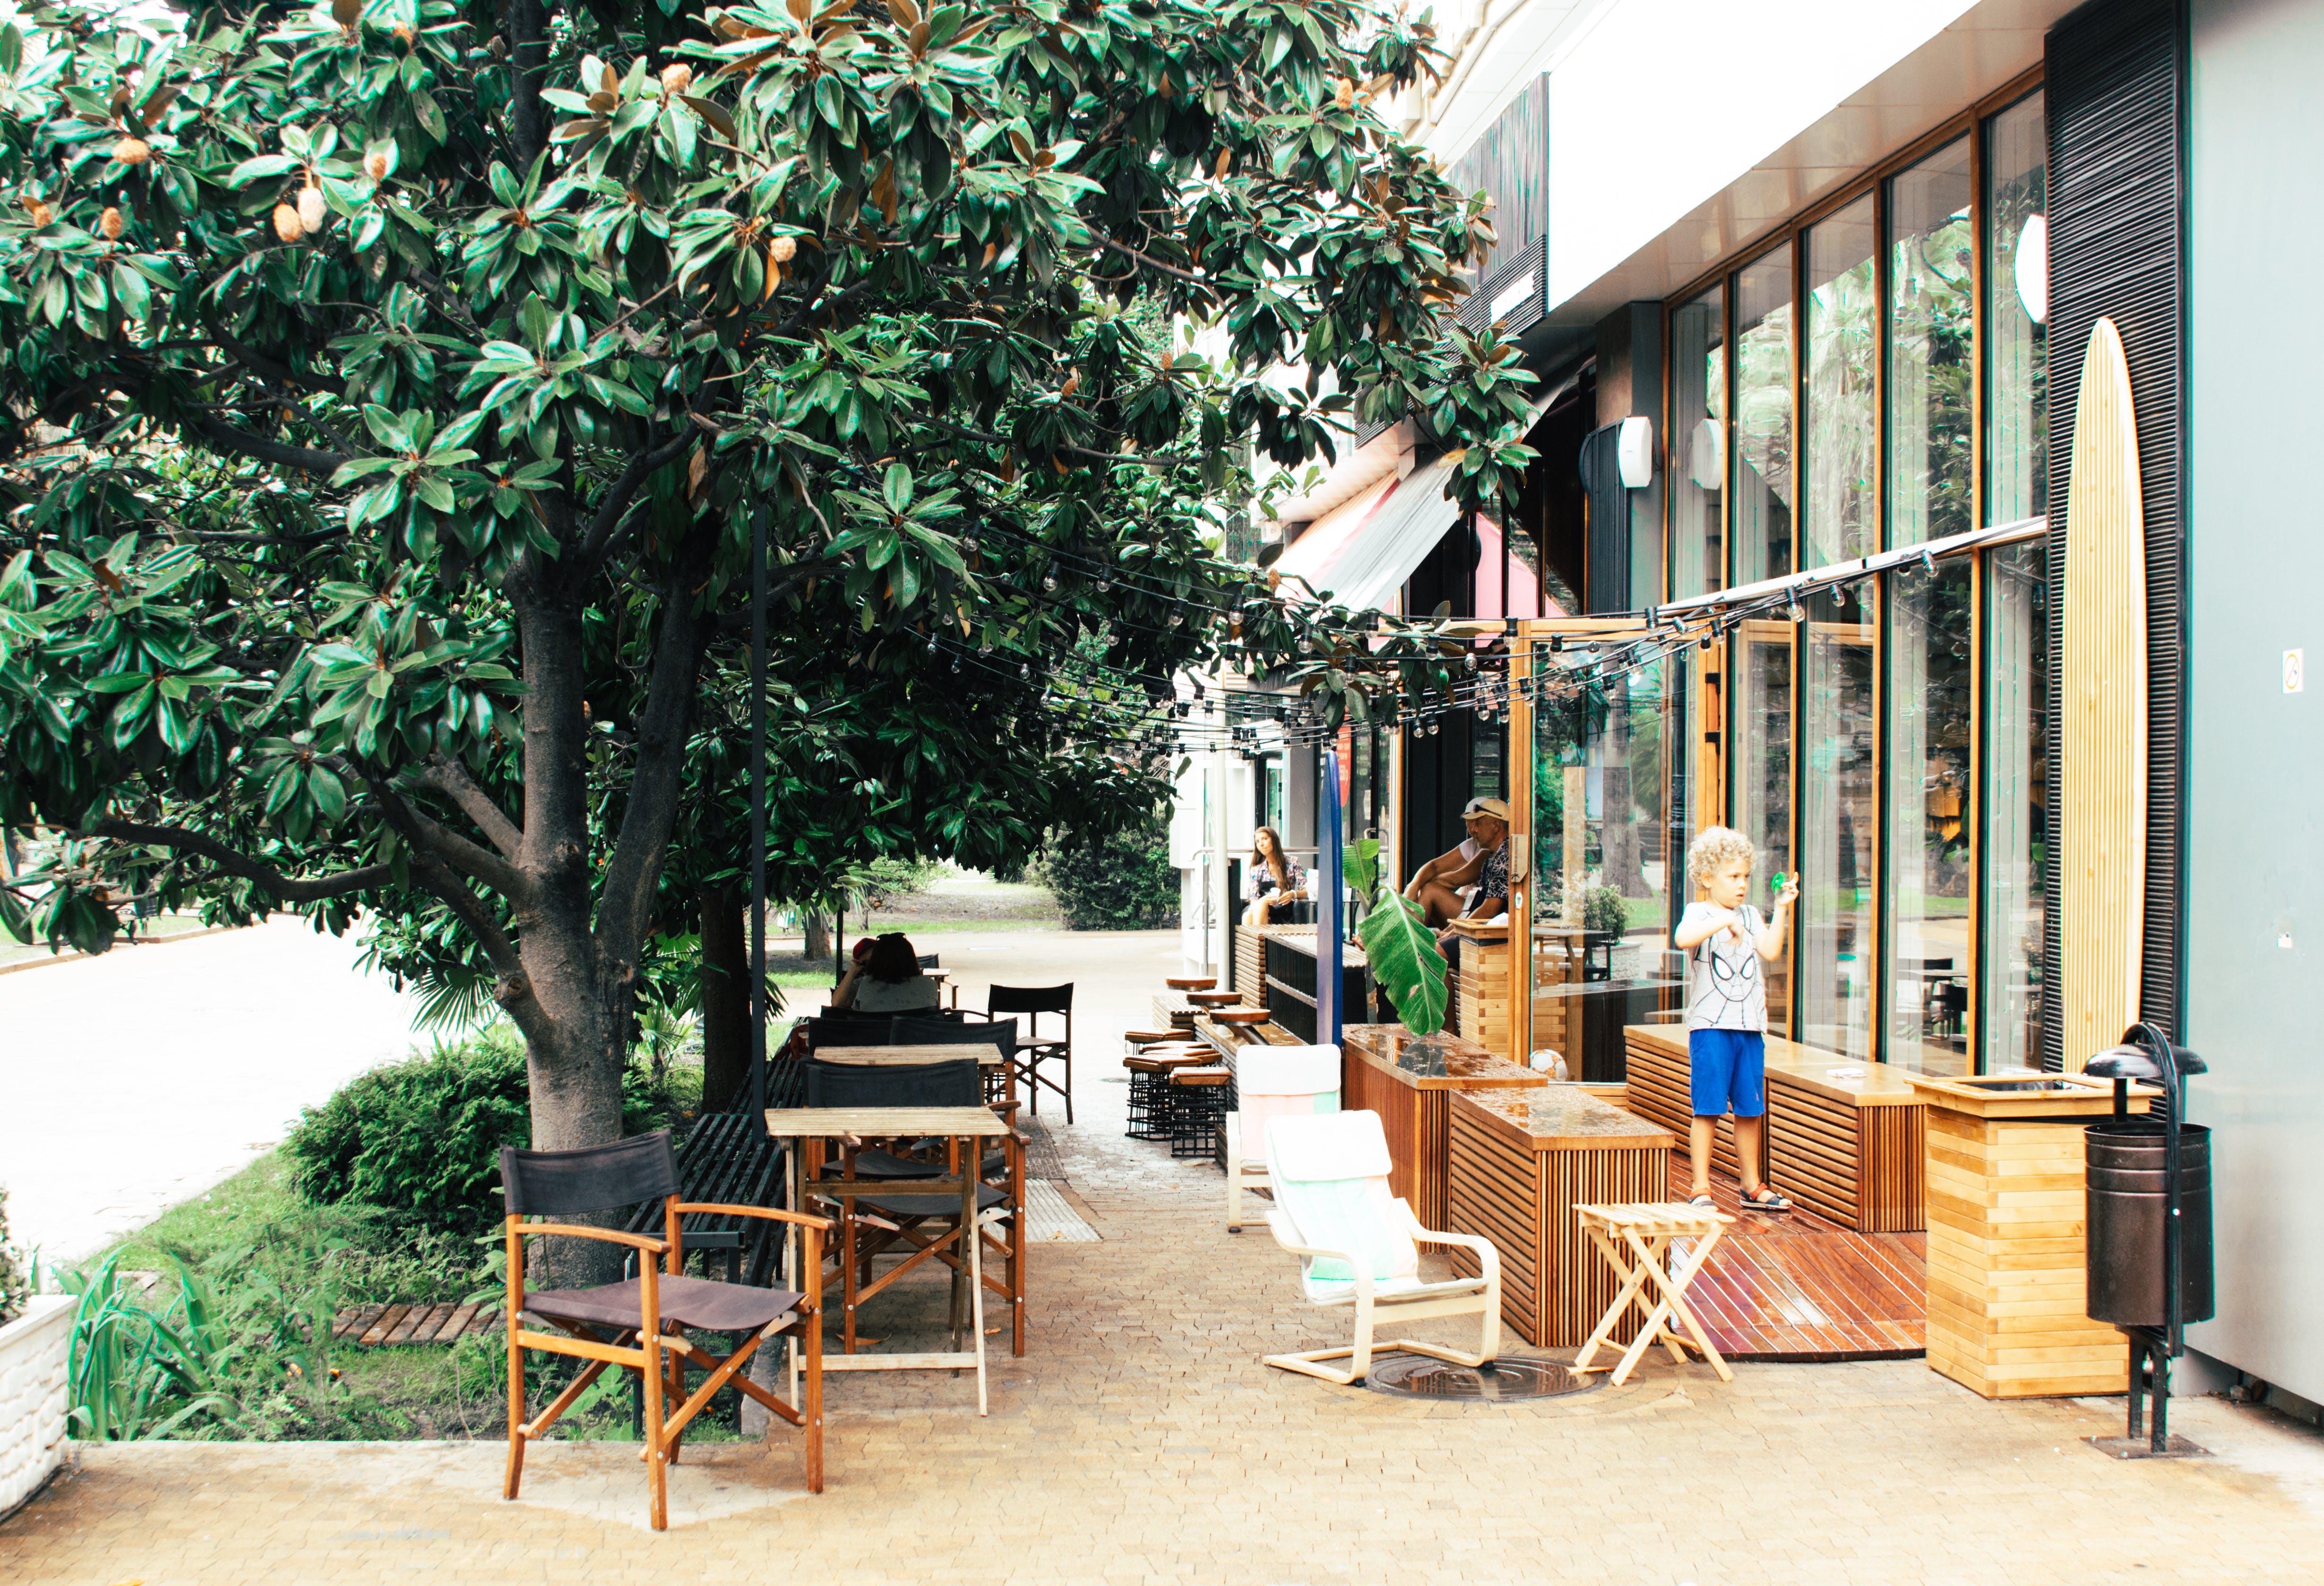 가구, 나무, 목조 테이블, 사람의 무료 스톡 사진